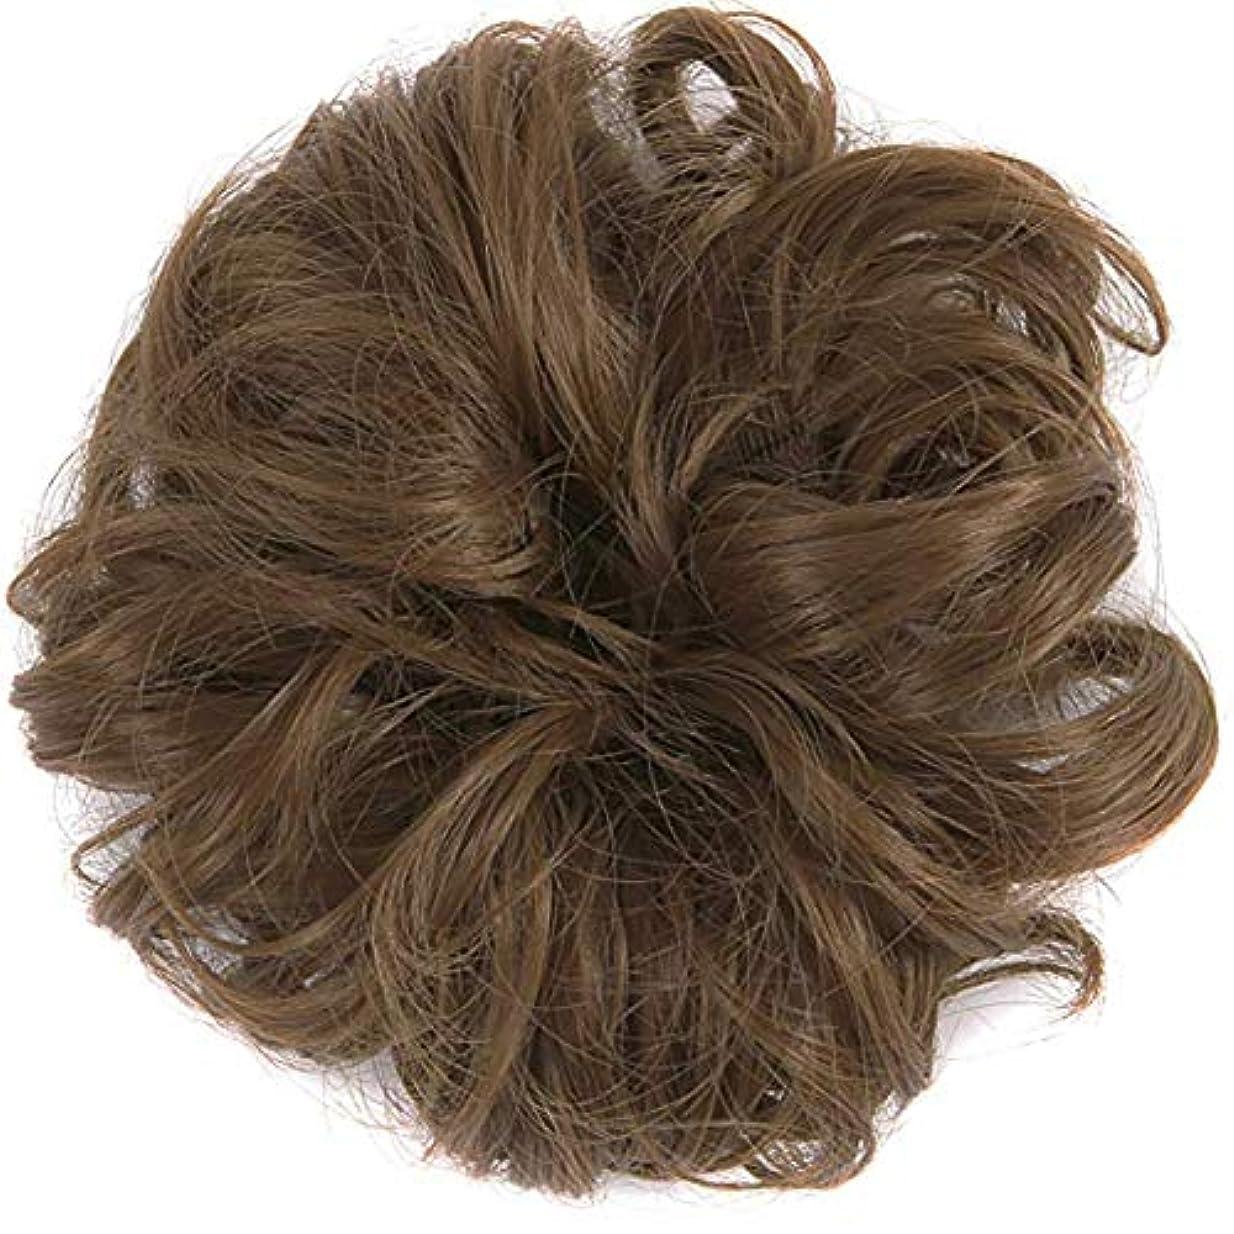 不平を言う清めるだますテープループバンズバンズの女性と少女汚い波状ヘアエクステンションの毛のかつらは、かつら(ライトブラウン)ポニーテール